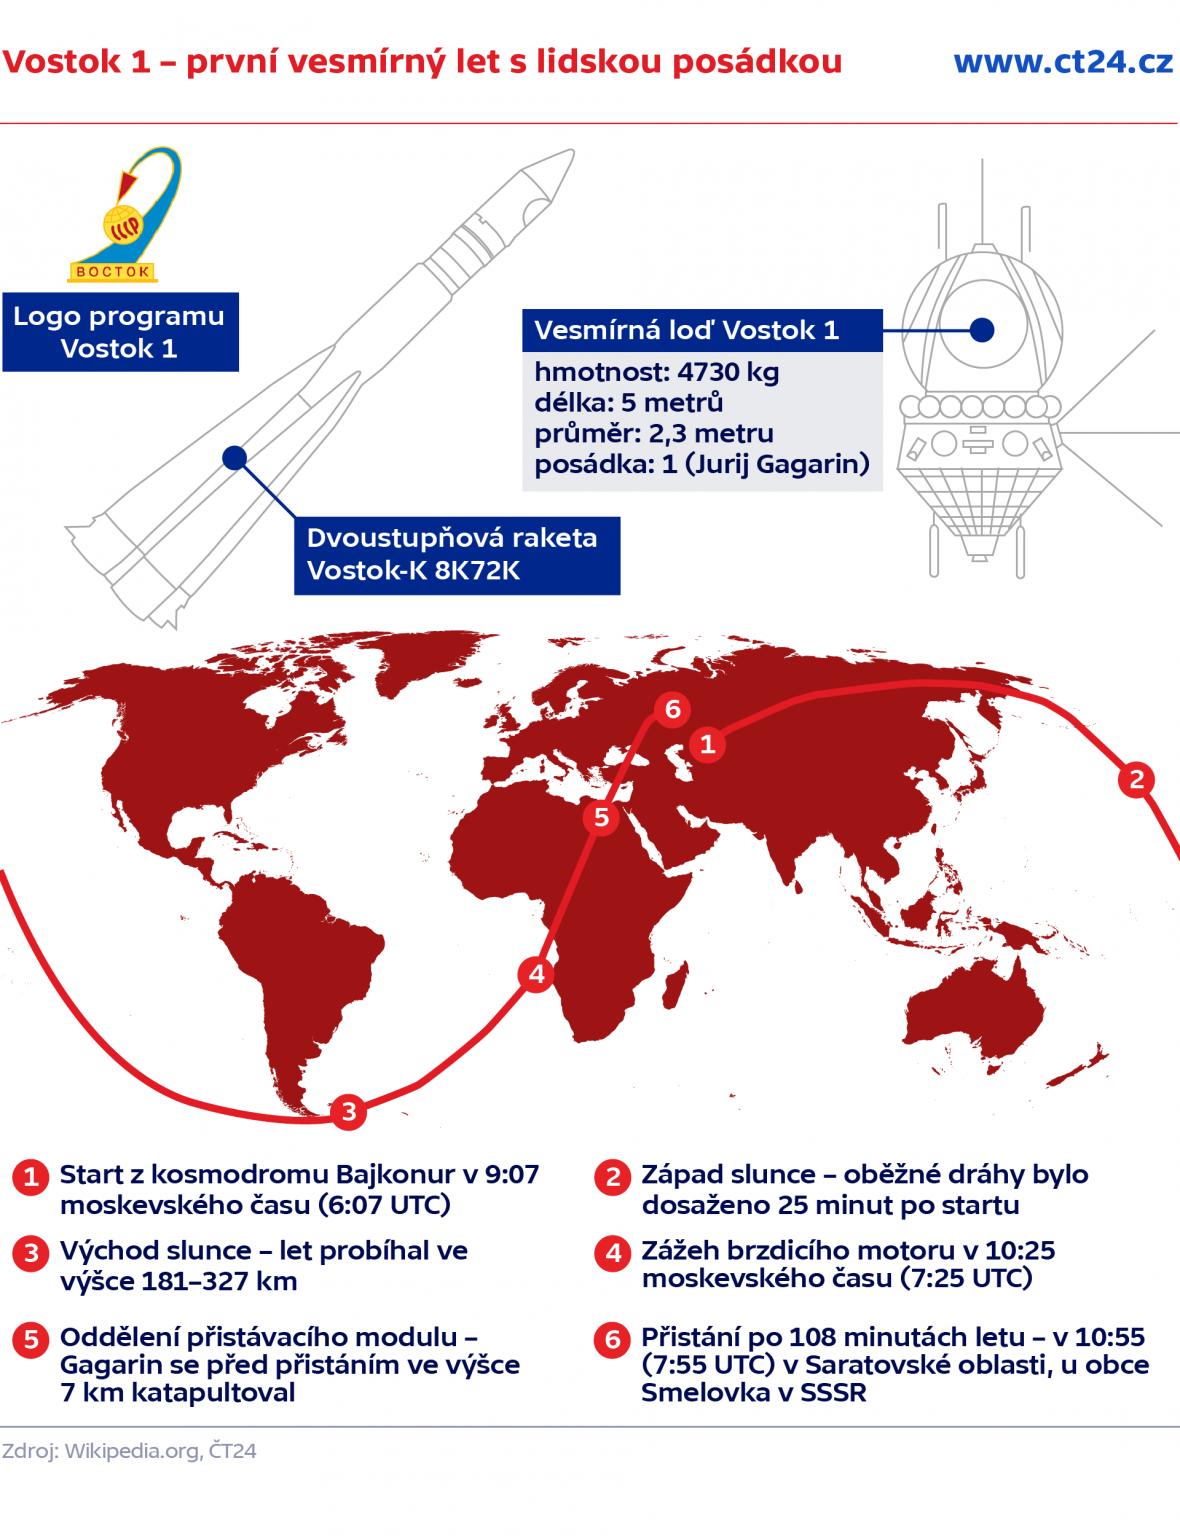 Vostok 1 – první vesmírný let s lidskou posádkou